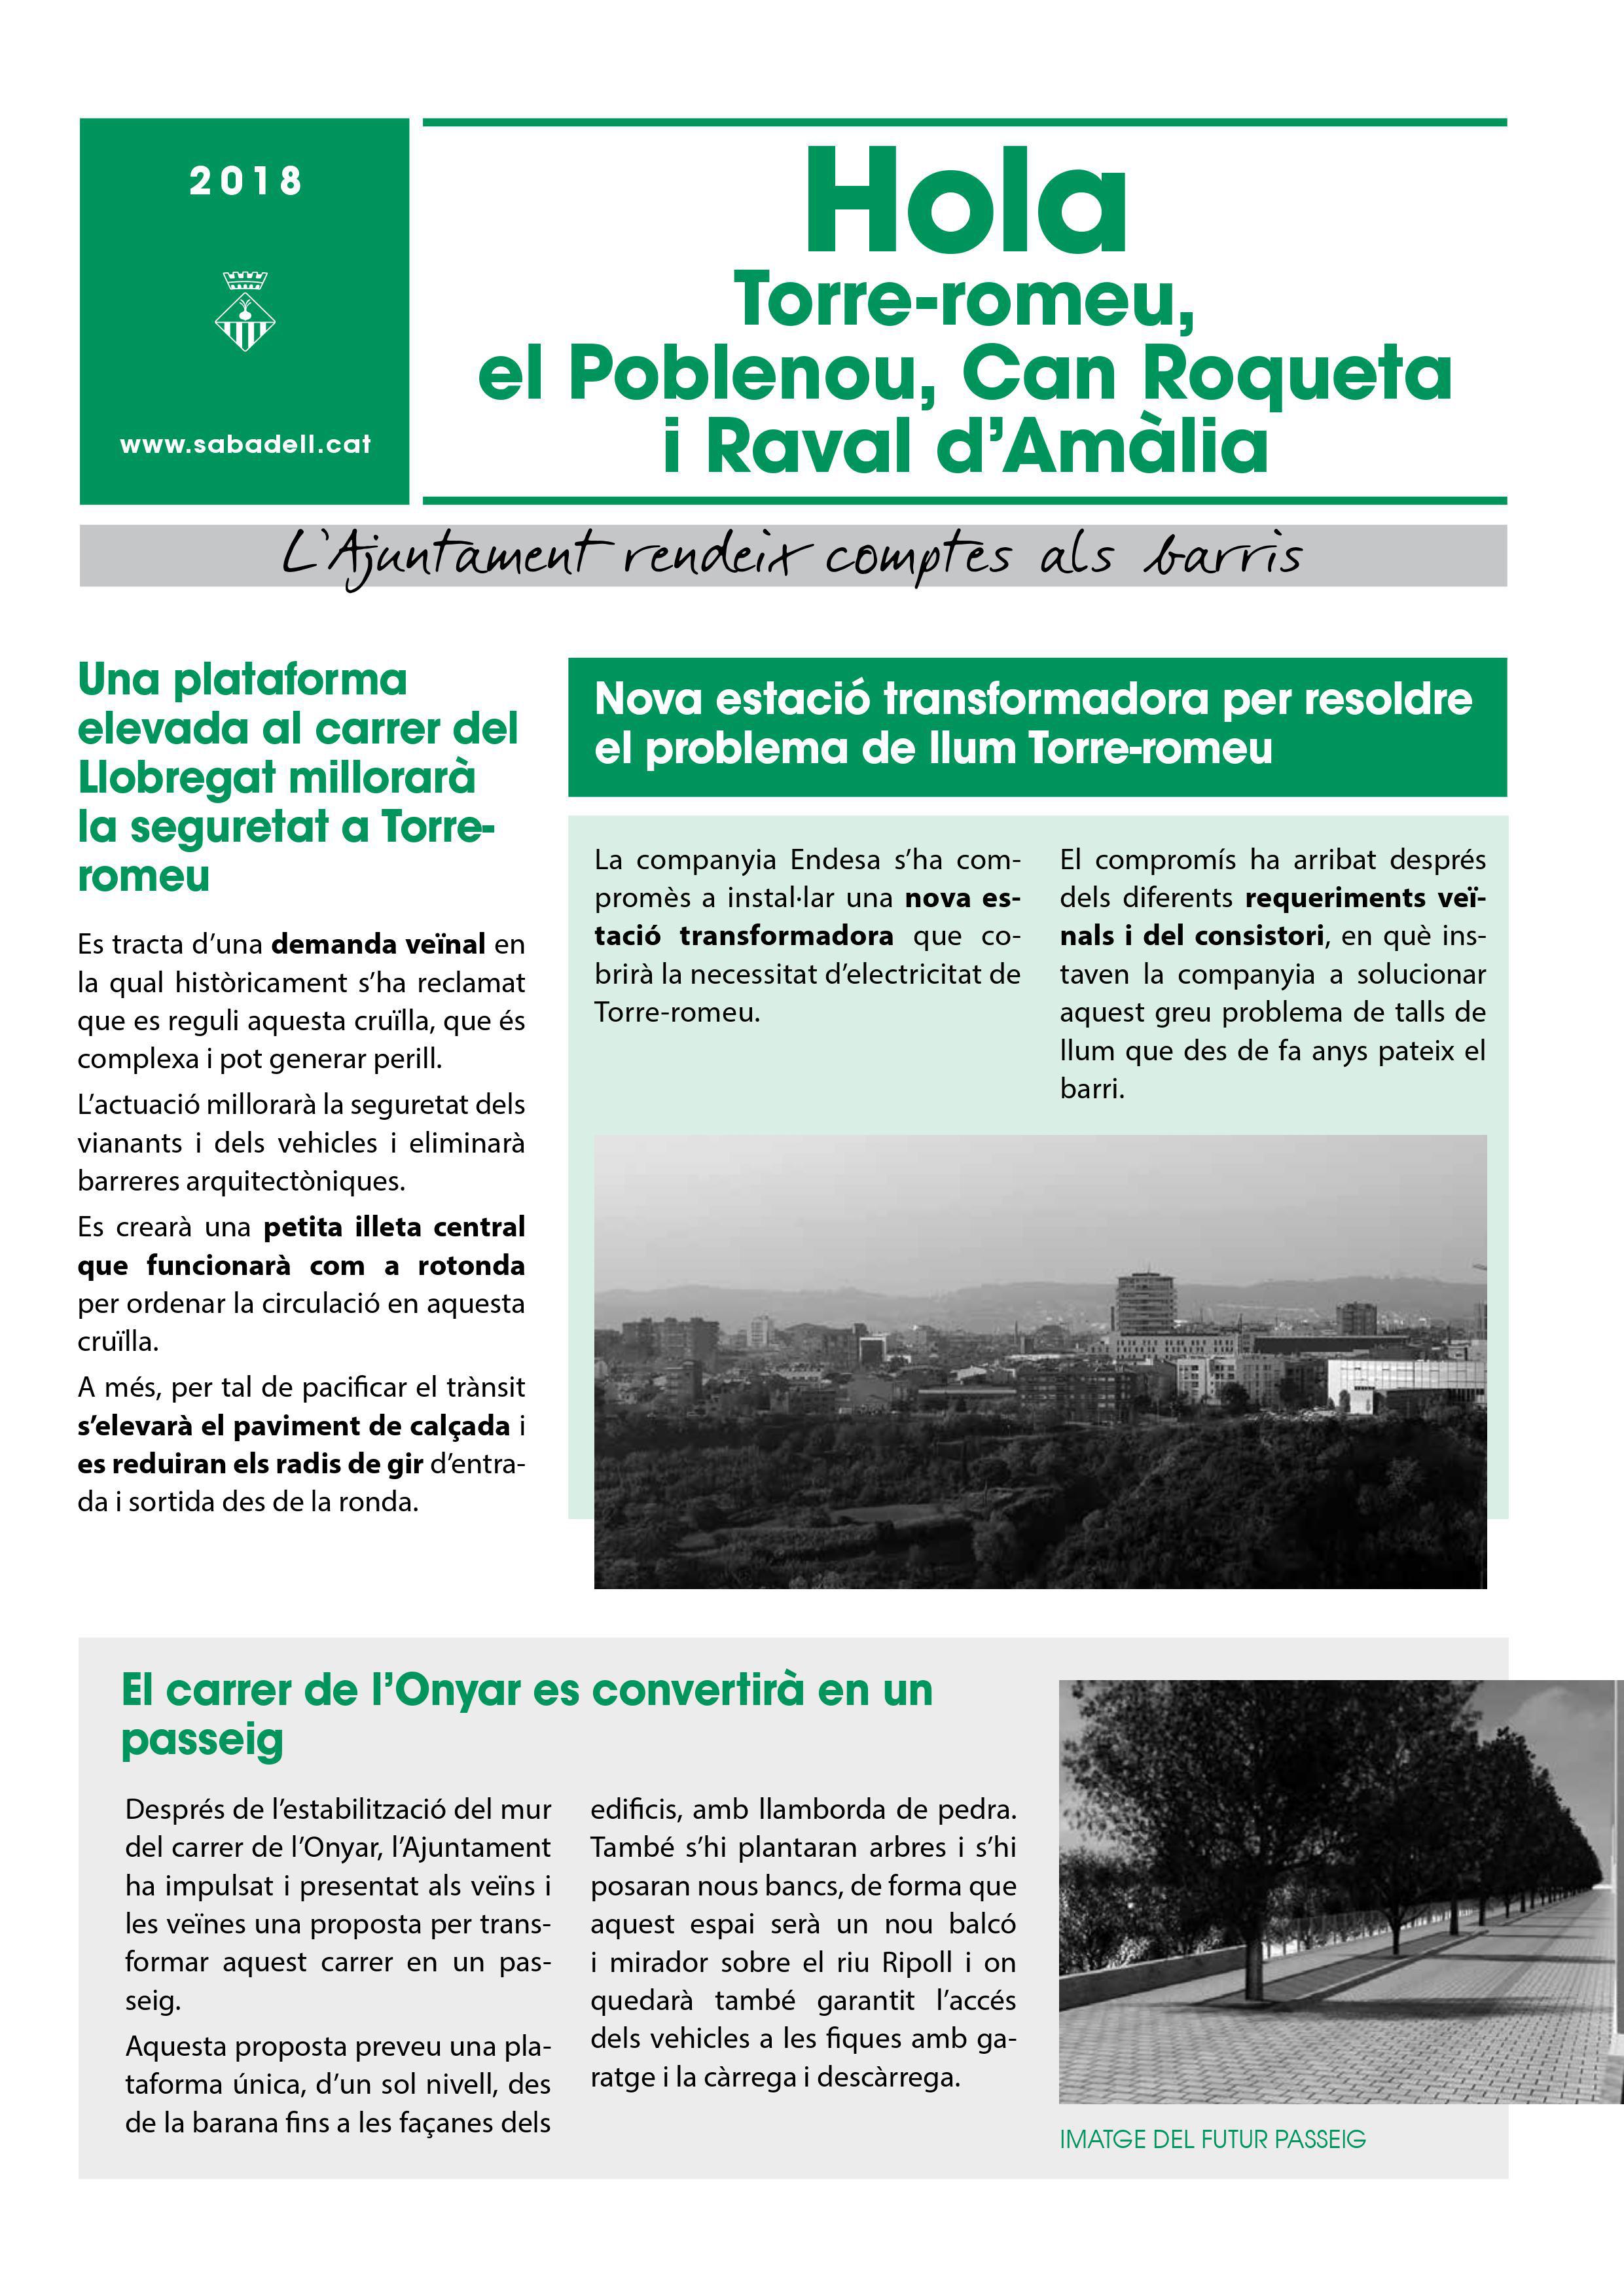 Torre-romeu, el Poblenou, Can Roqueta i Raval d'Amàlia